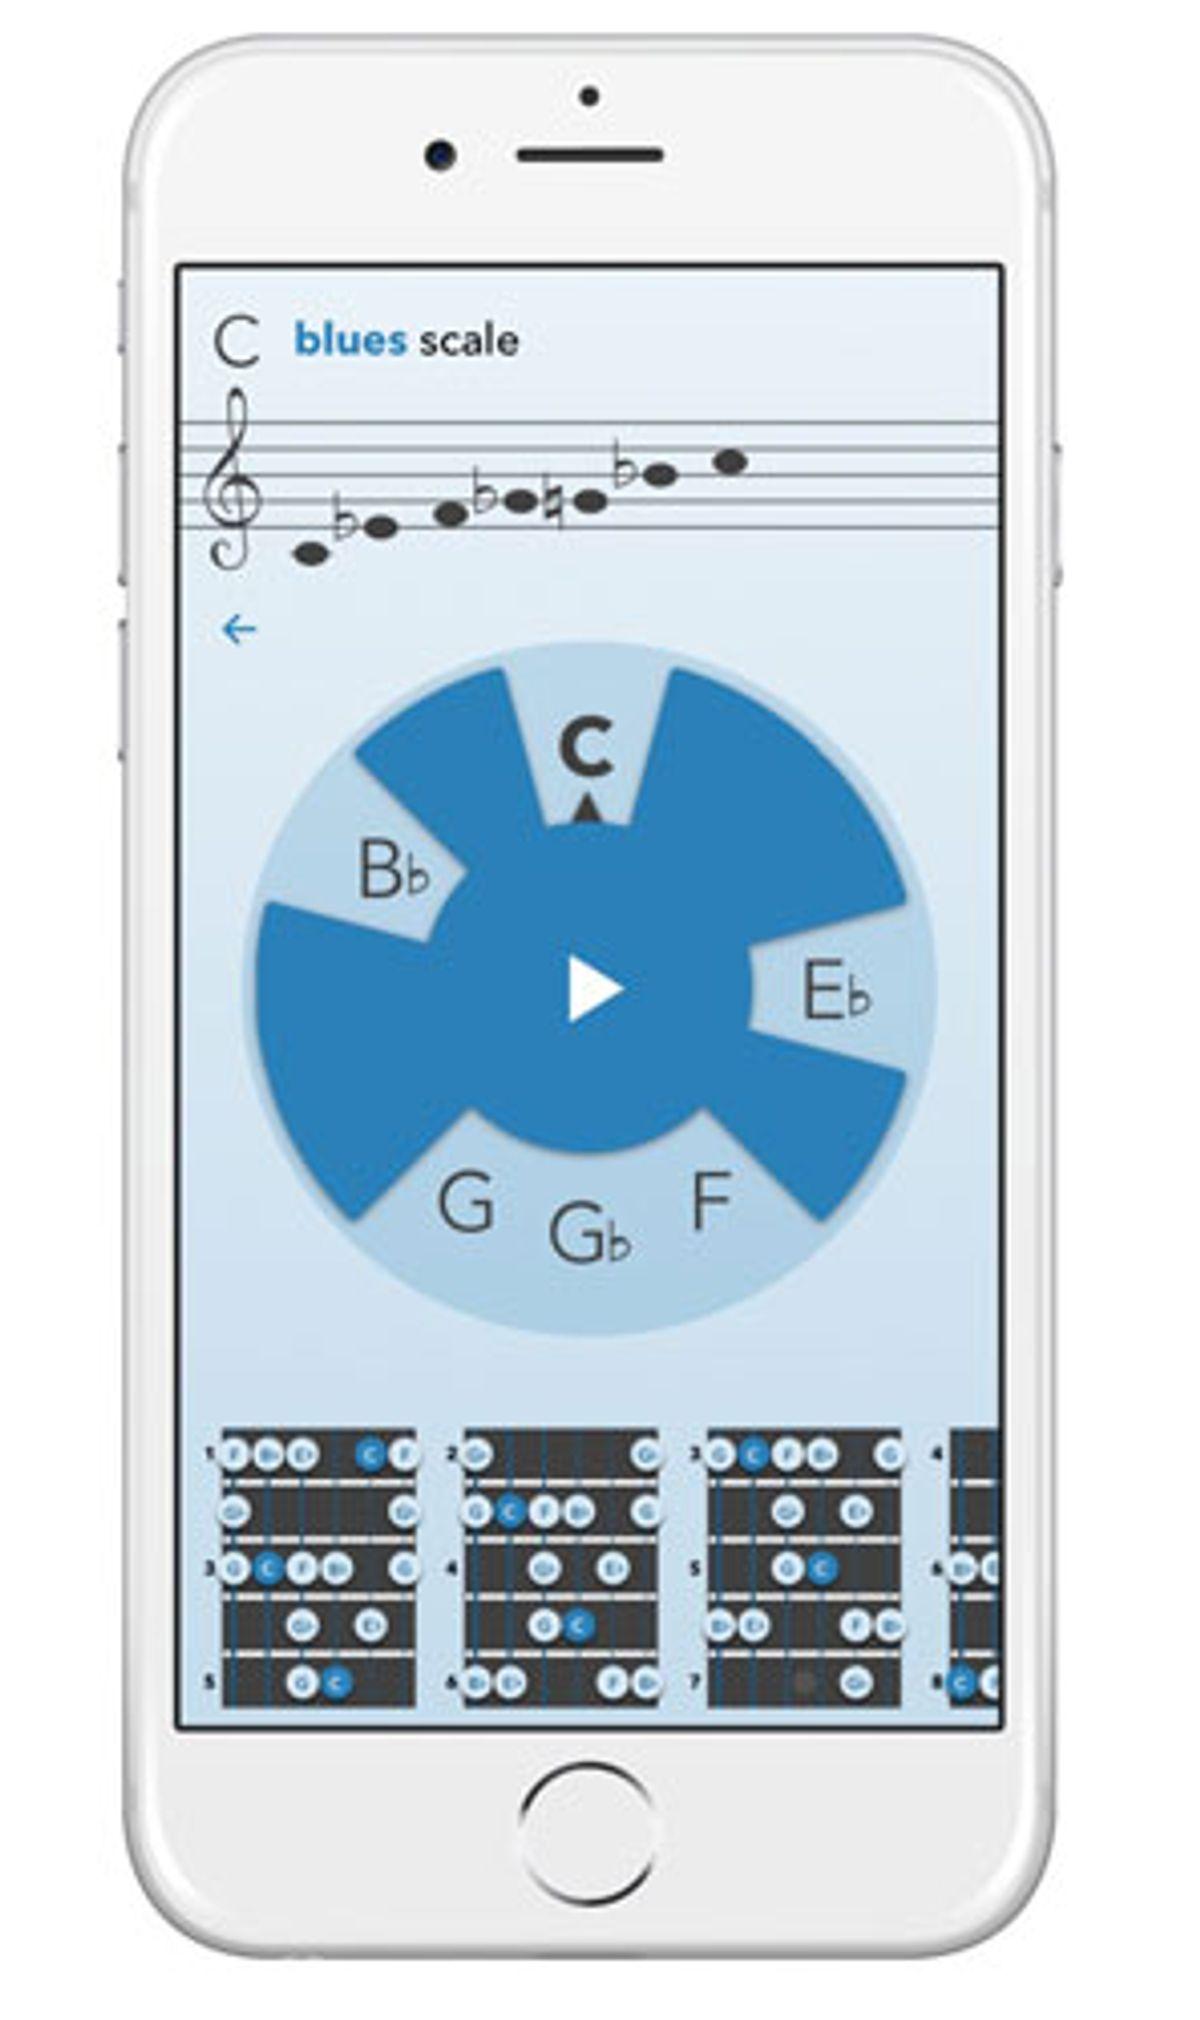 perTunes Announces the MusiClock App for iOS